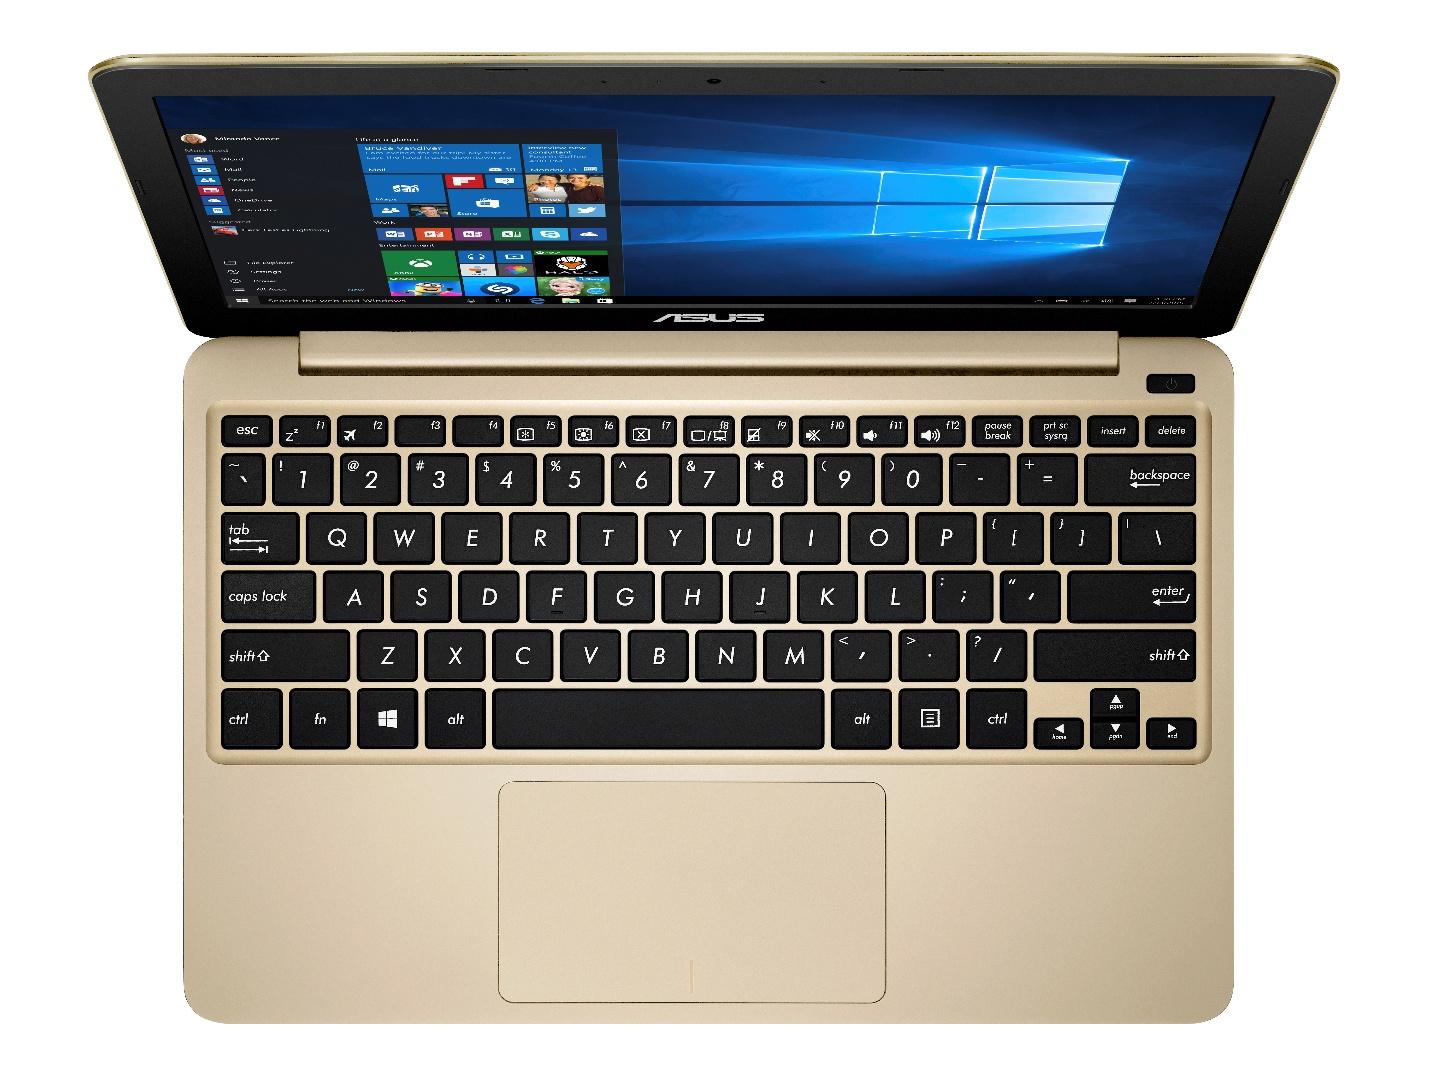 ASUS VivoBook E200HA 3